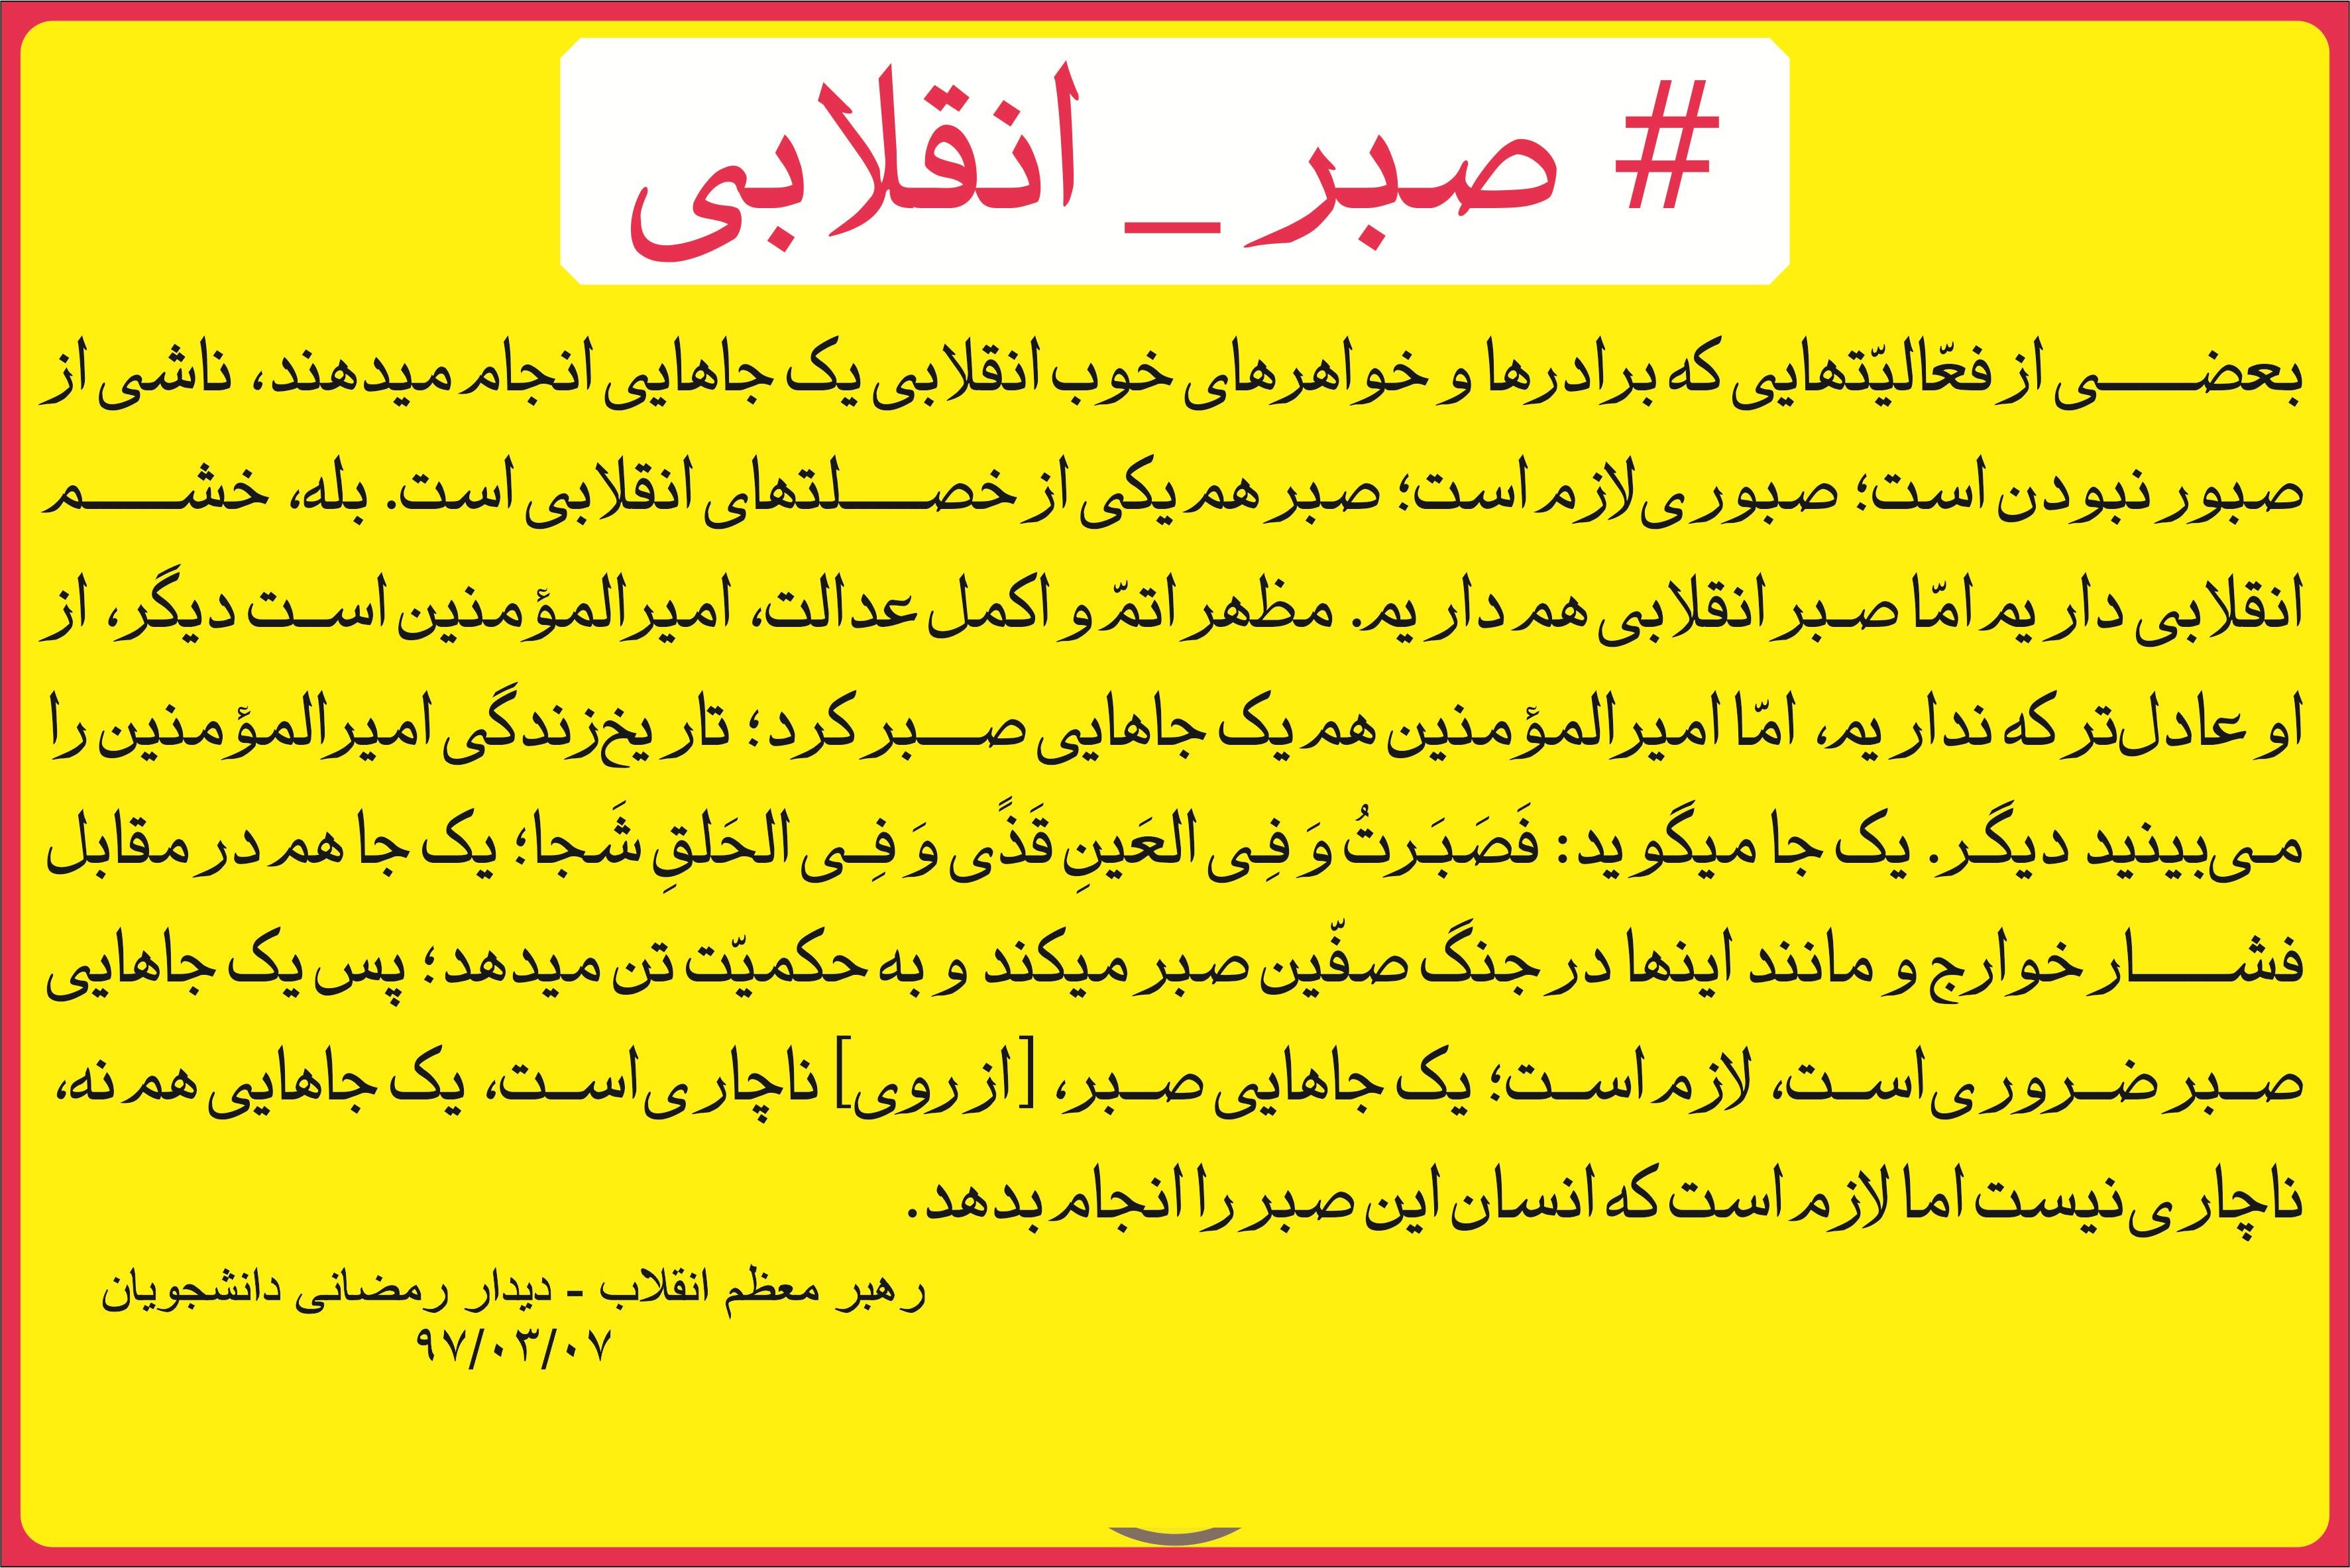 تاثیر راهبرد صبر انقلابی در پیشبرد اهداف انقلاب اسلامی